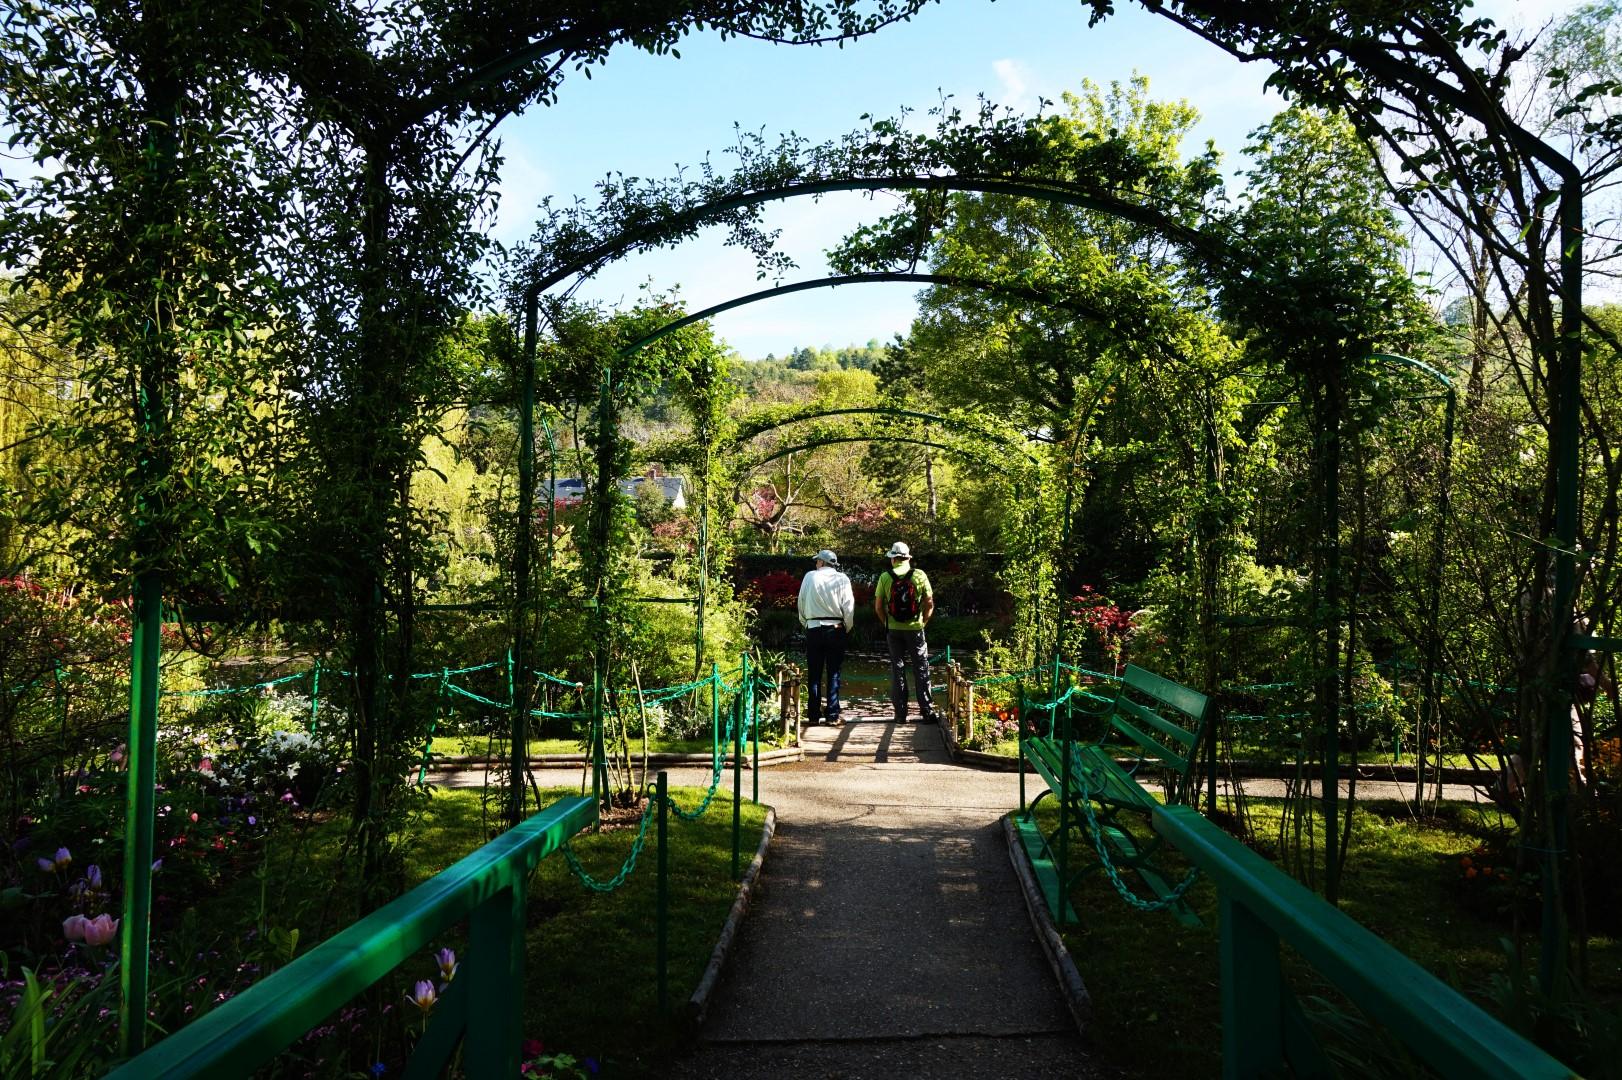 Balade dans les Jardins de Monet - Le jardin d'eau